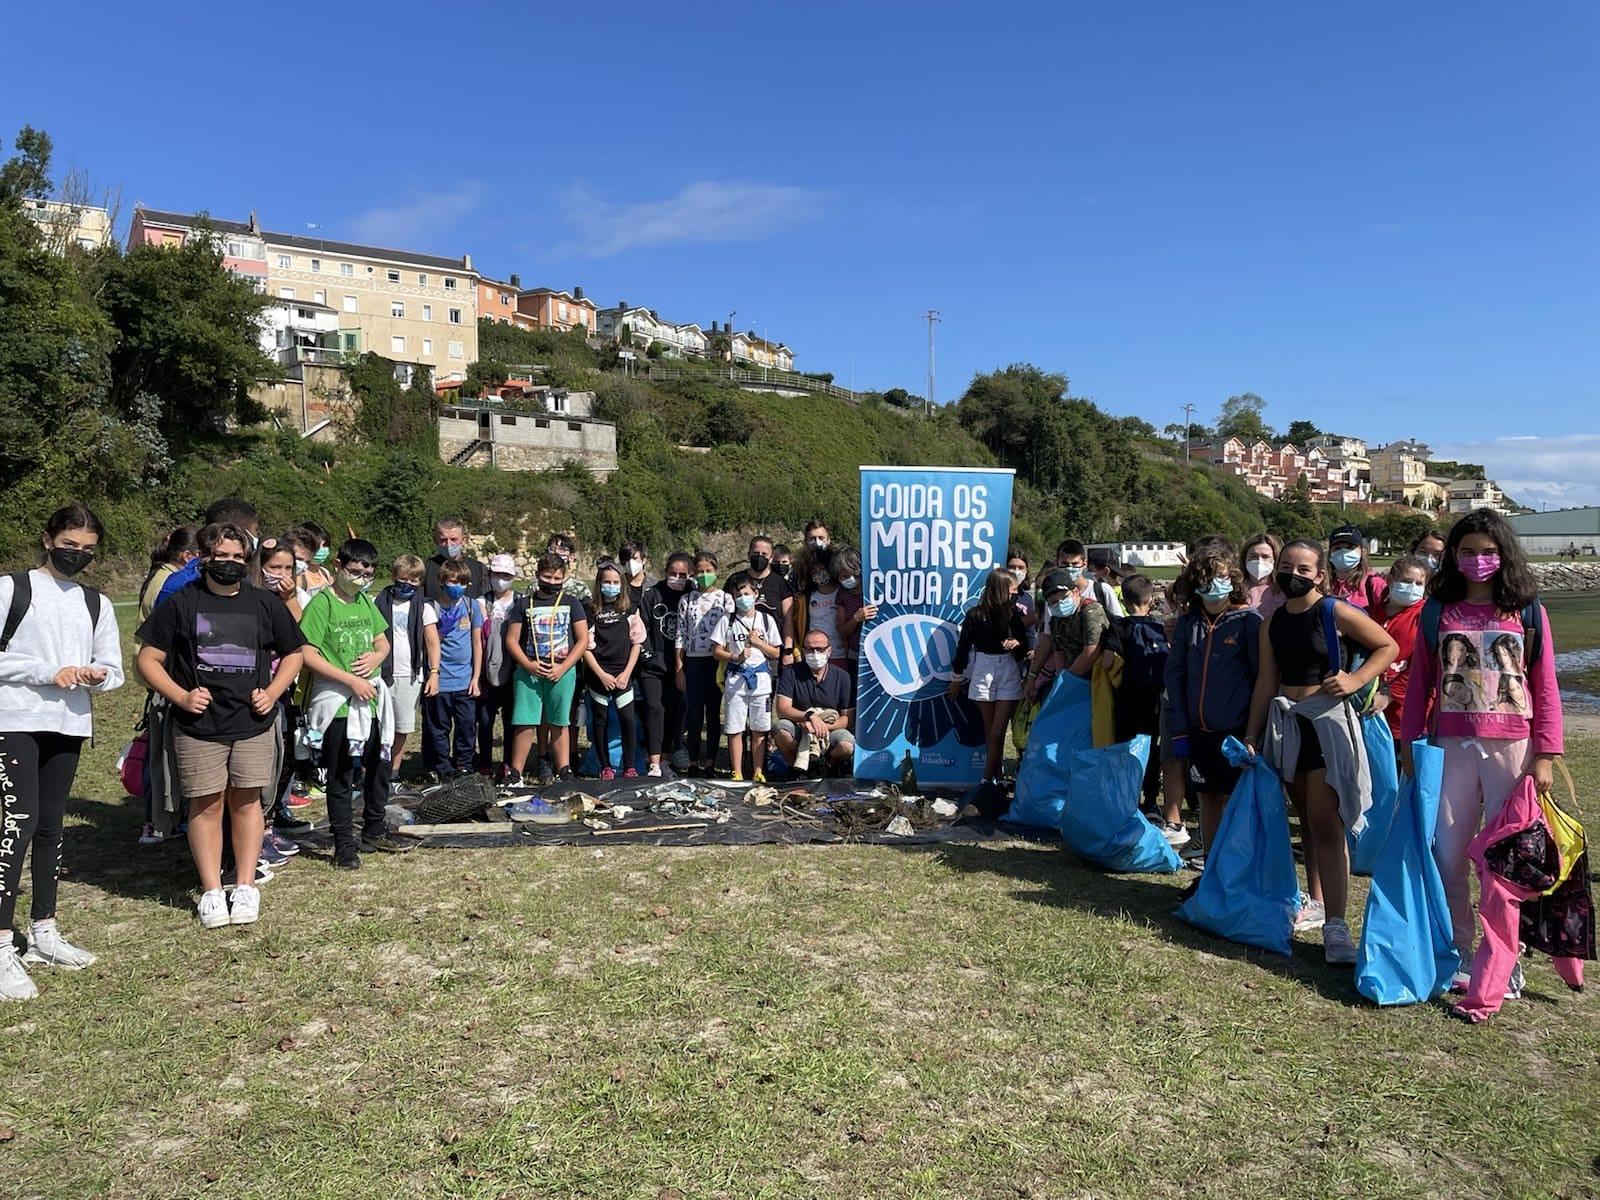 """Xornada de sensibilización ambiental na praia dos Bloques de Ribadeo dentro do programa """"Coida os mares, coida a vida"""""""